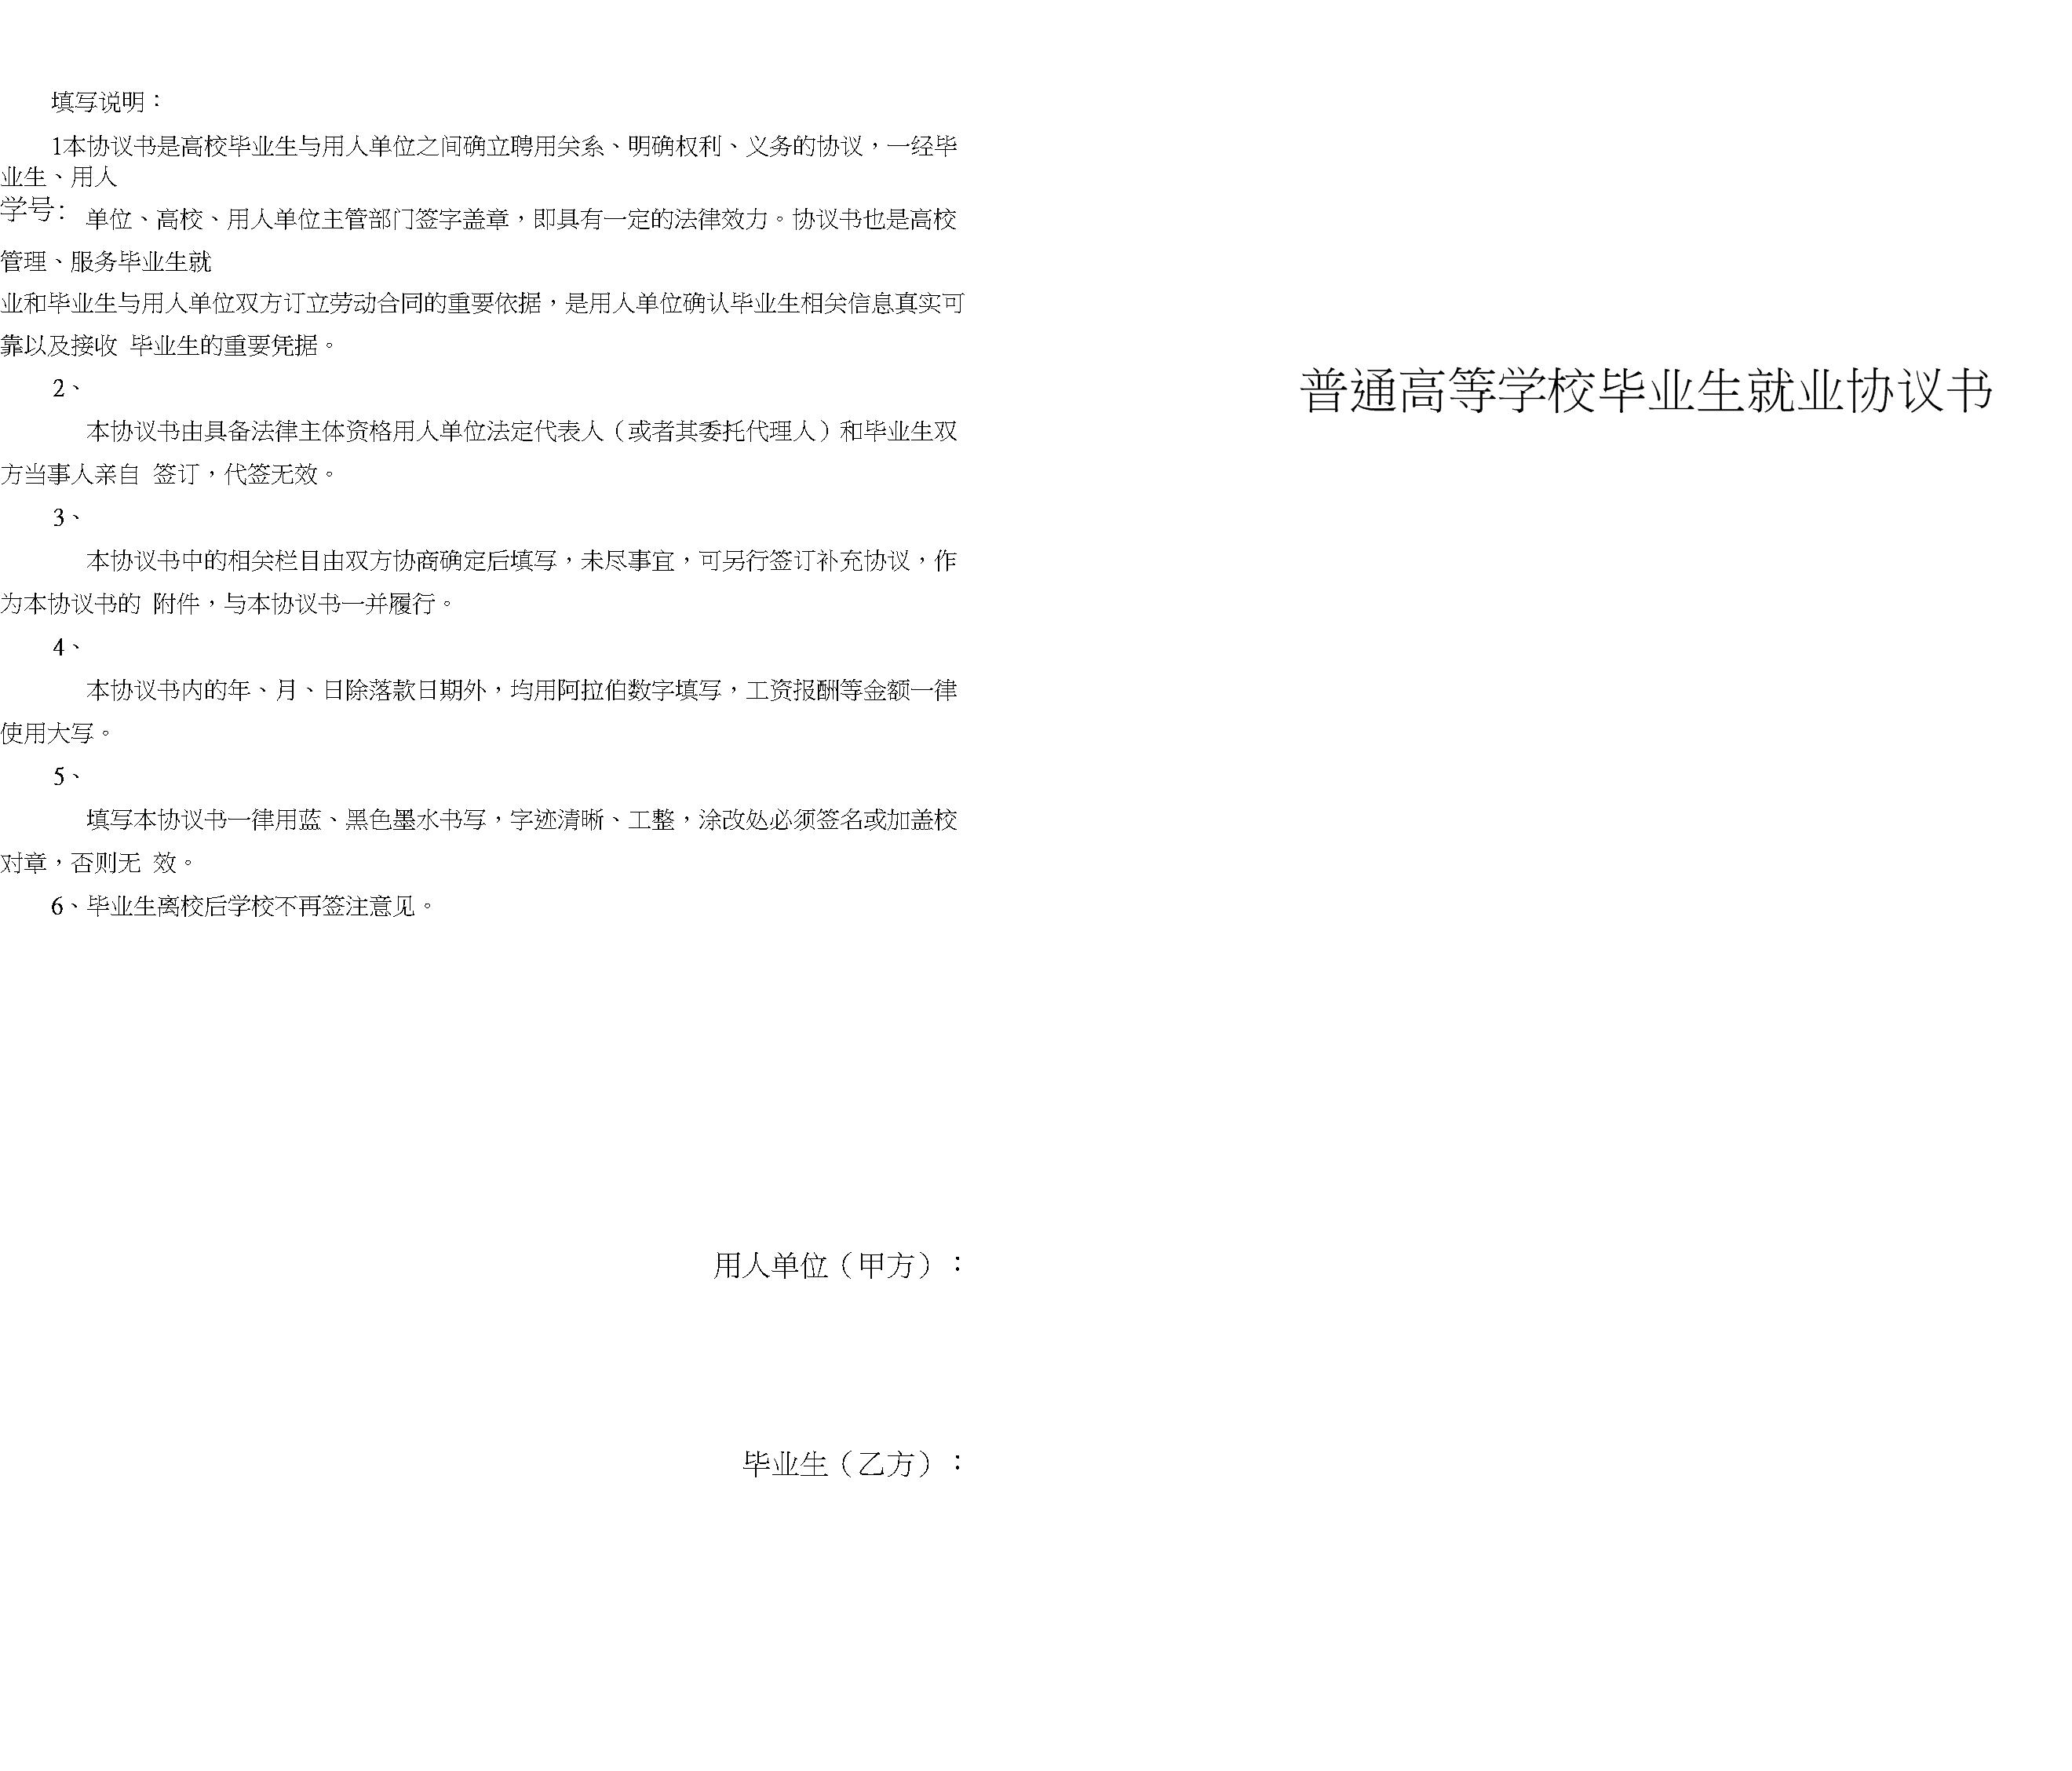 福建省普通高等学校毕业生就业协议书.docx